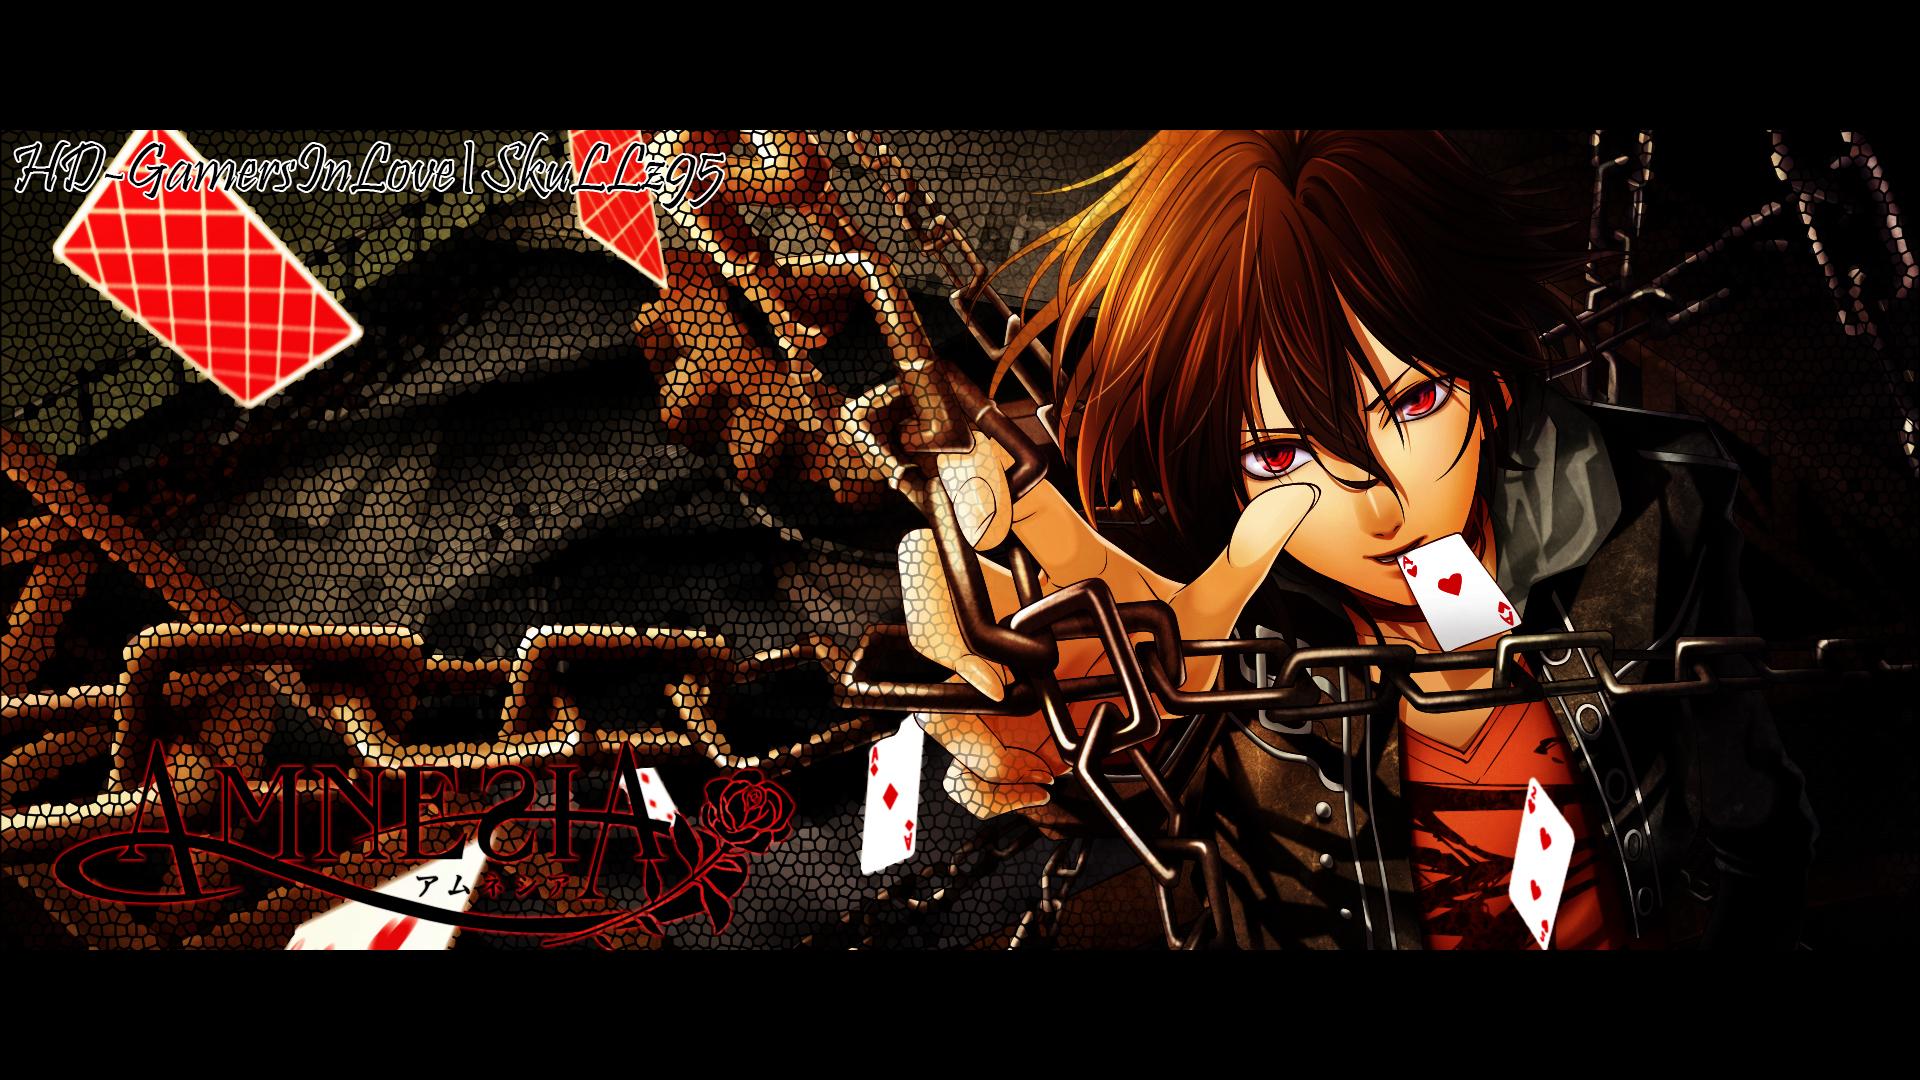 Amnesia Shin Wallpaper By Skullz95 On Deviantart